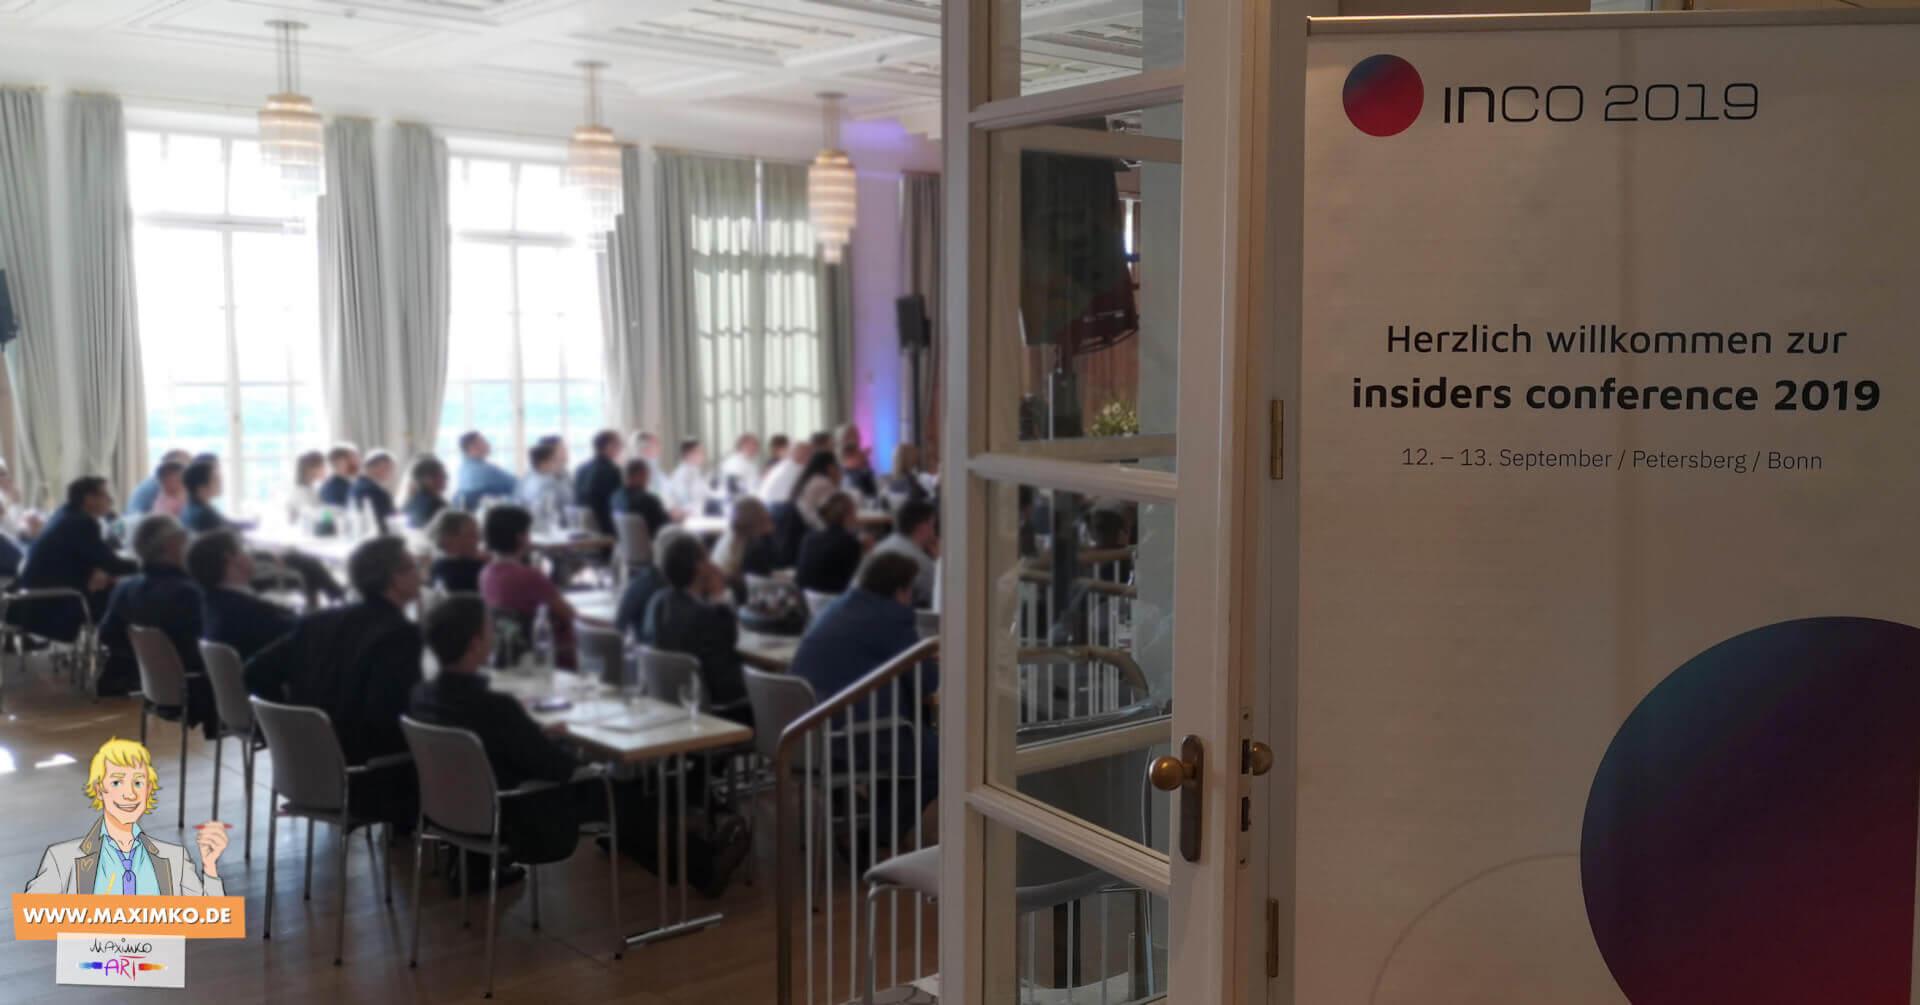 insiders conference maxim simonenko schnellzeichner inco